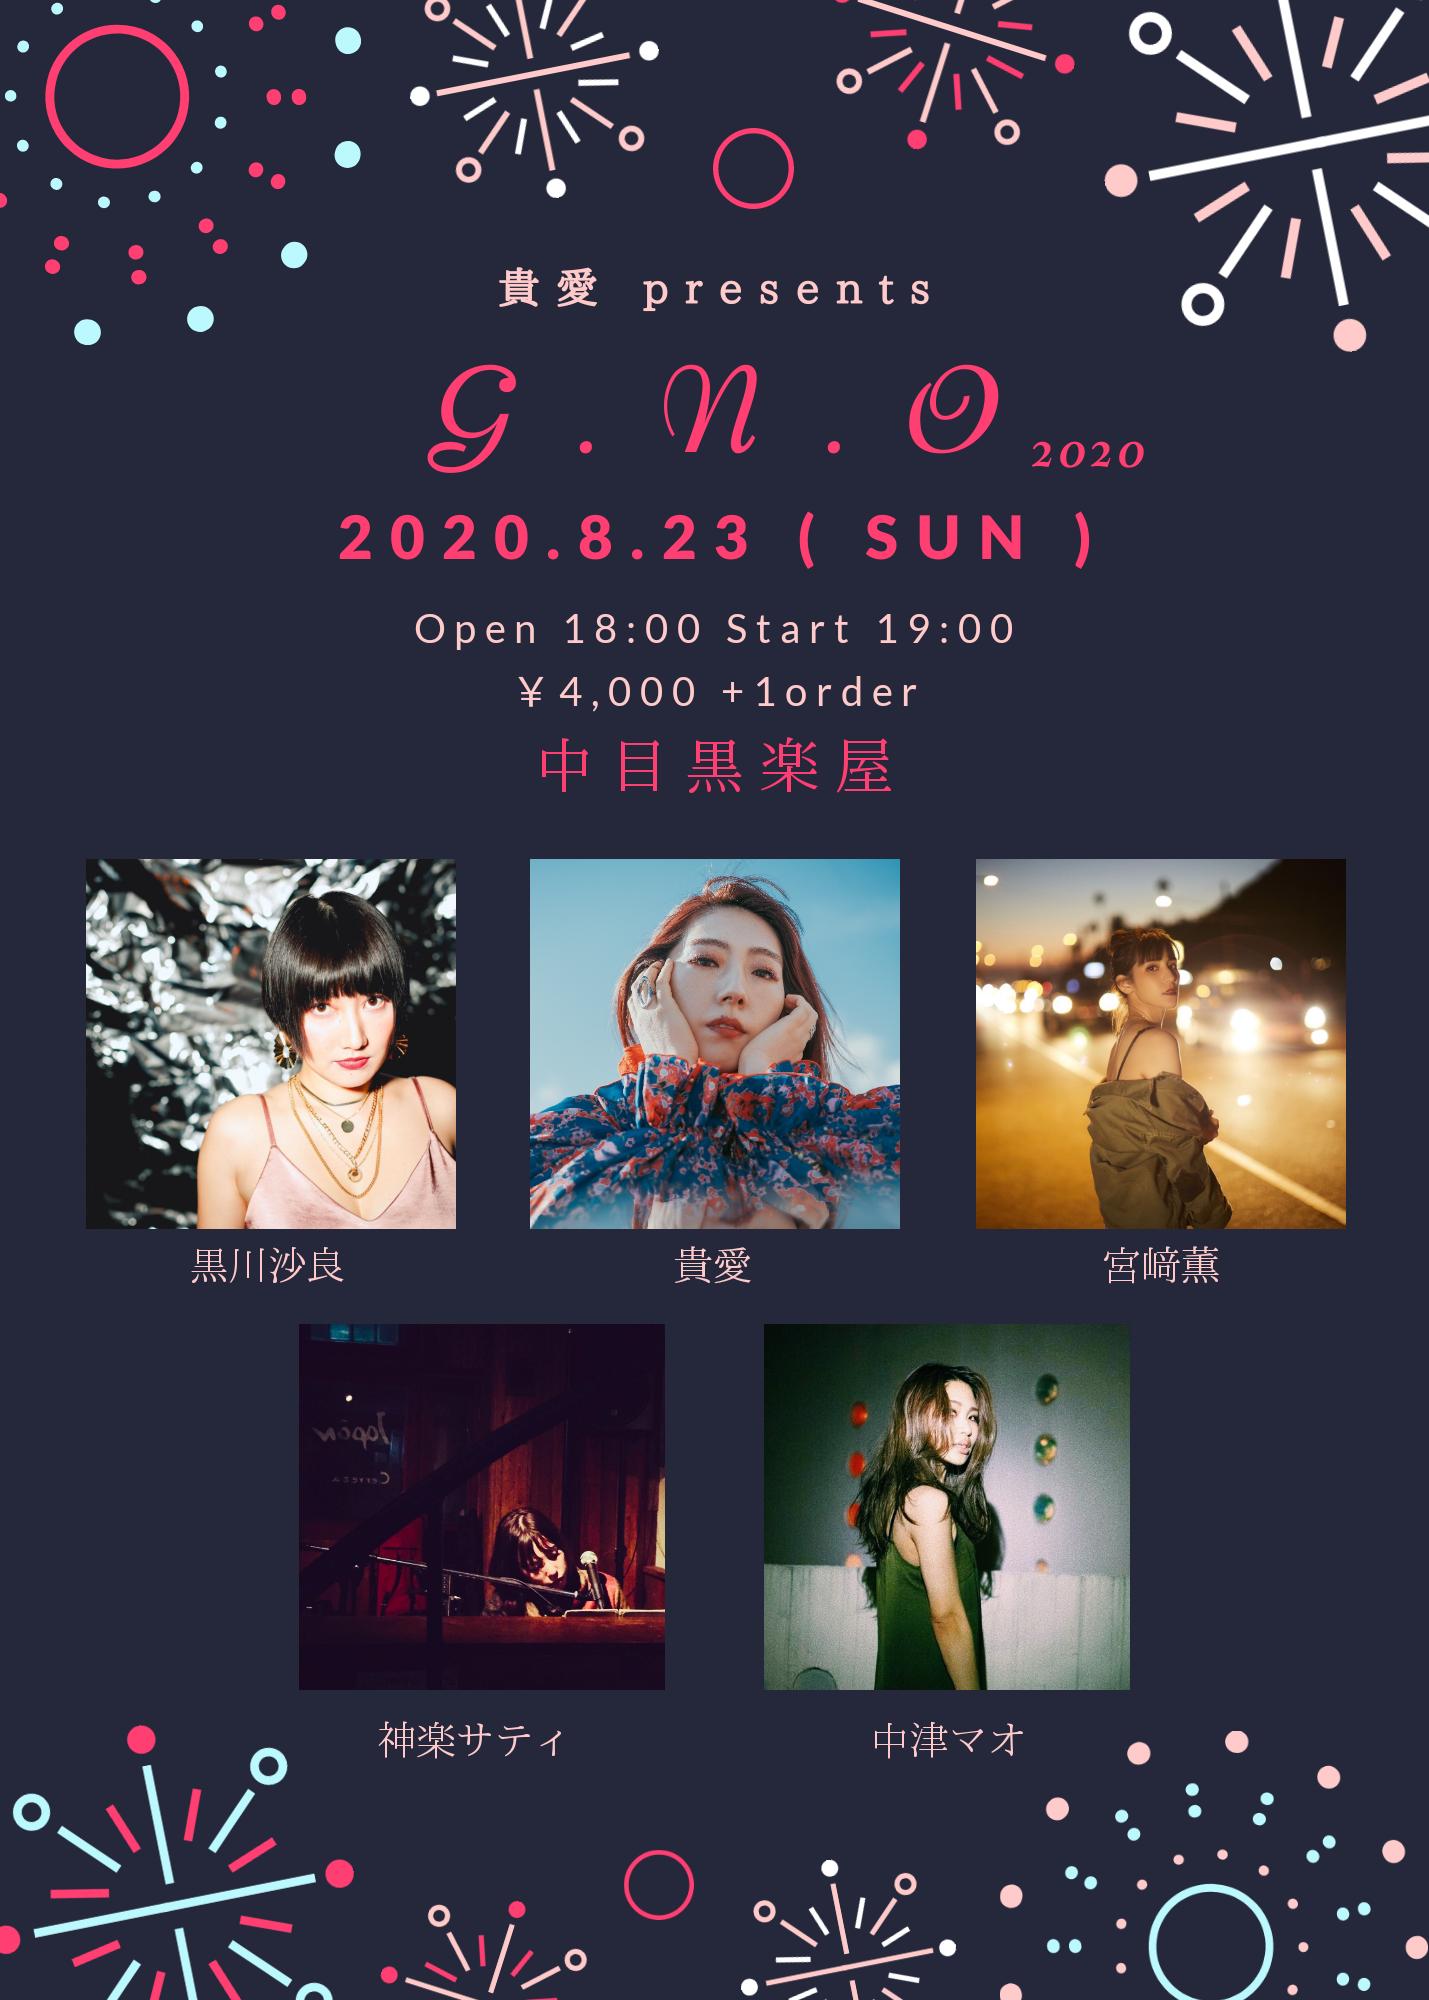 G.N.O2020.png